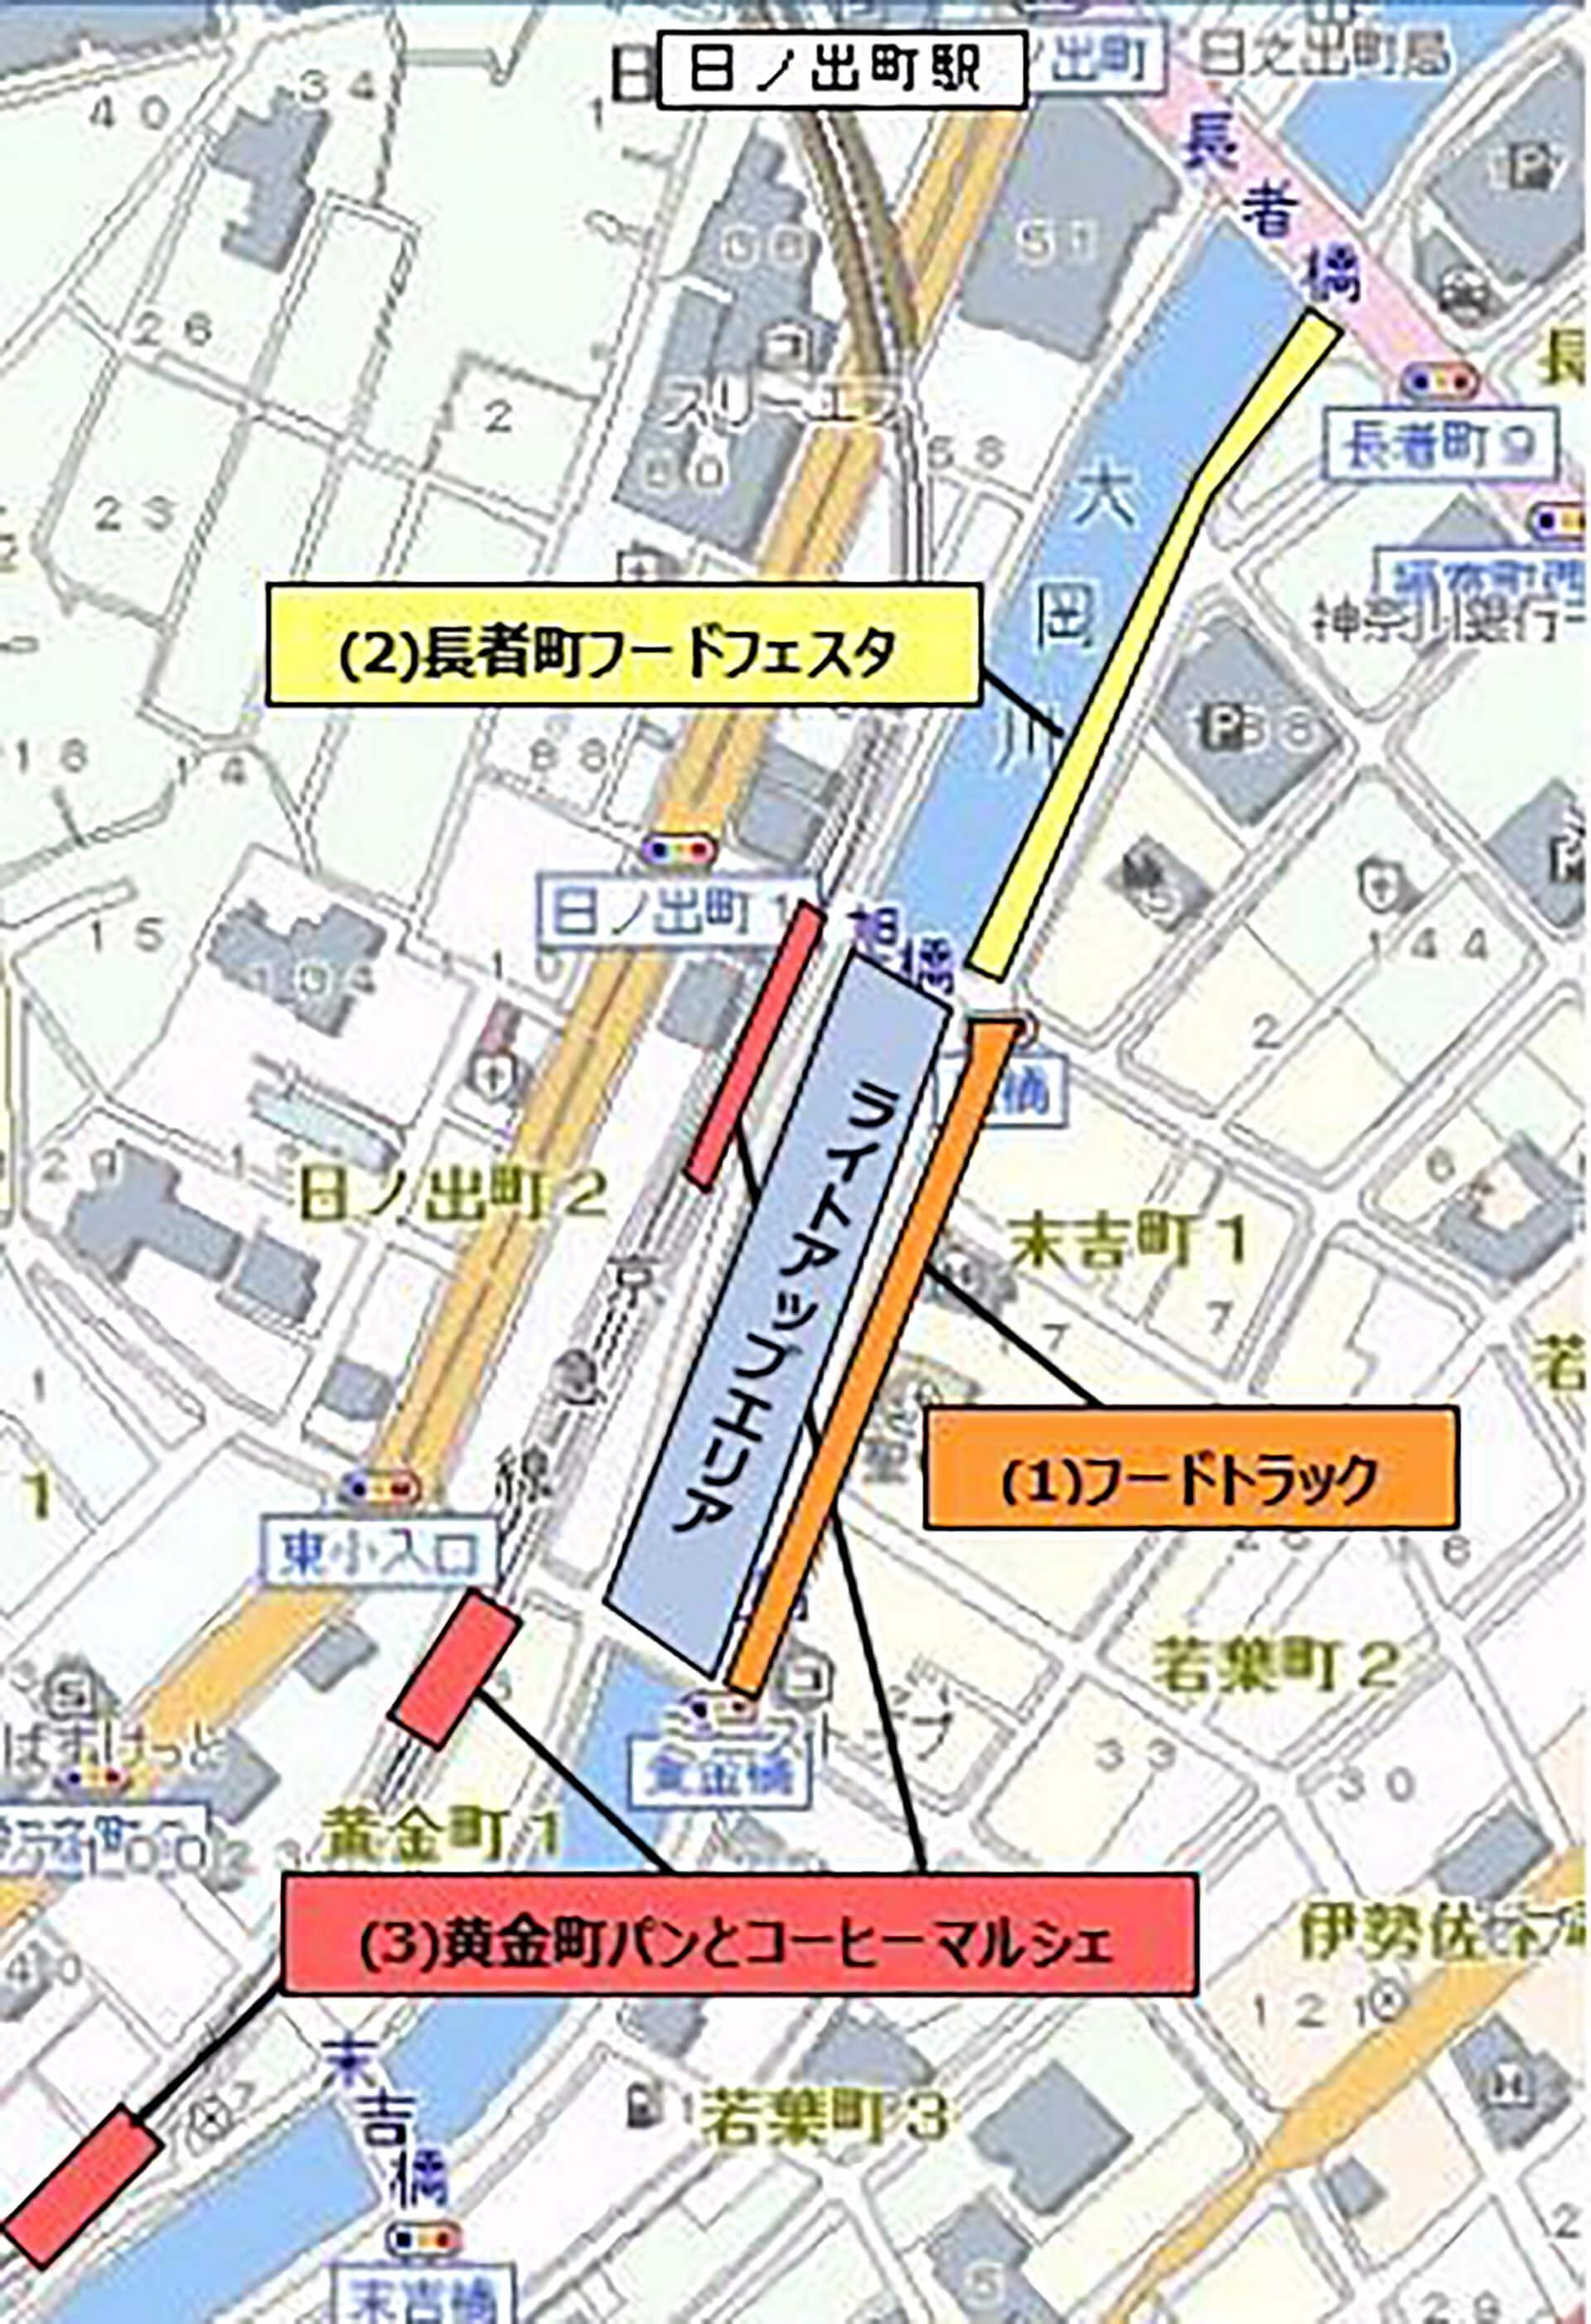 大岡川ひかりの川辺2019俯瞰地図